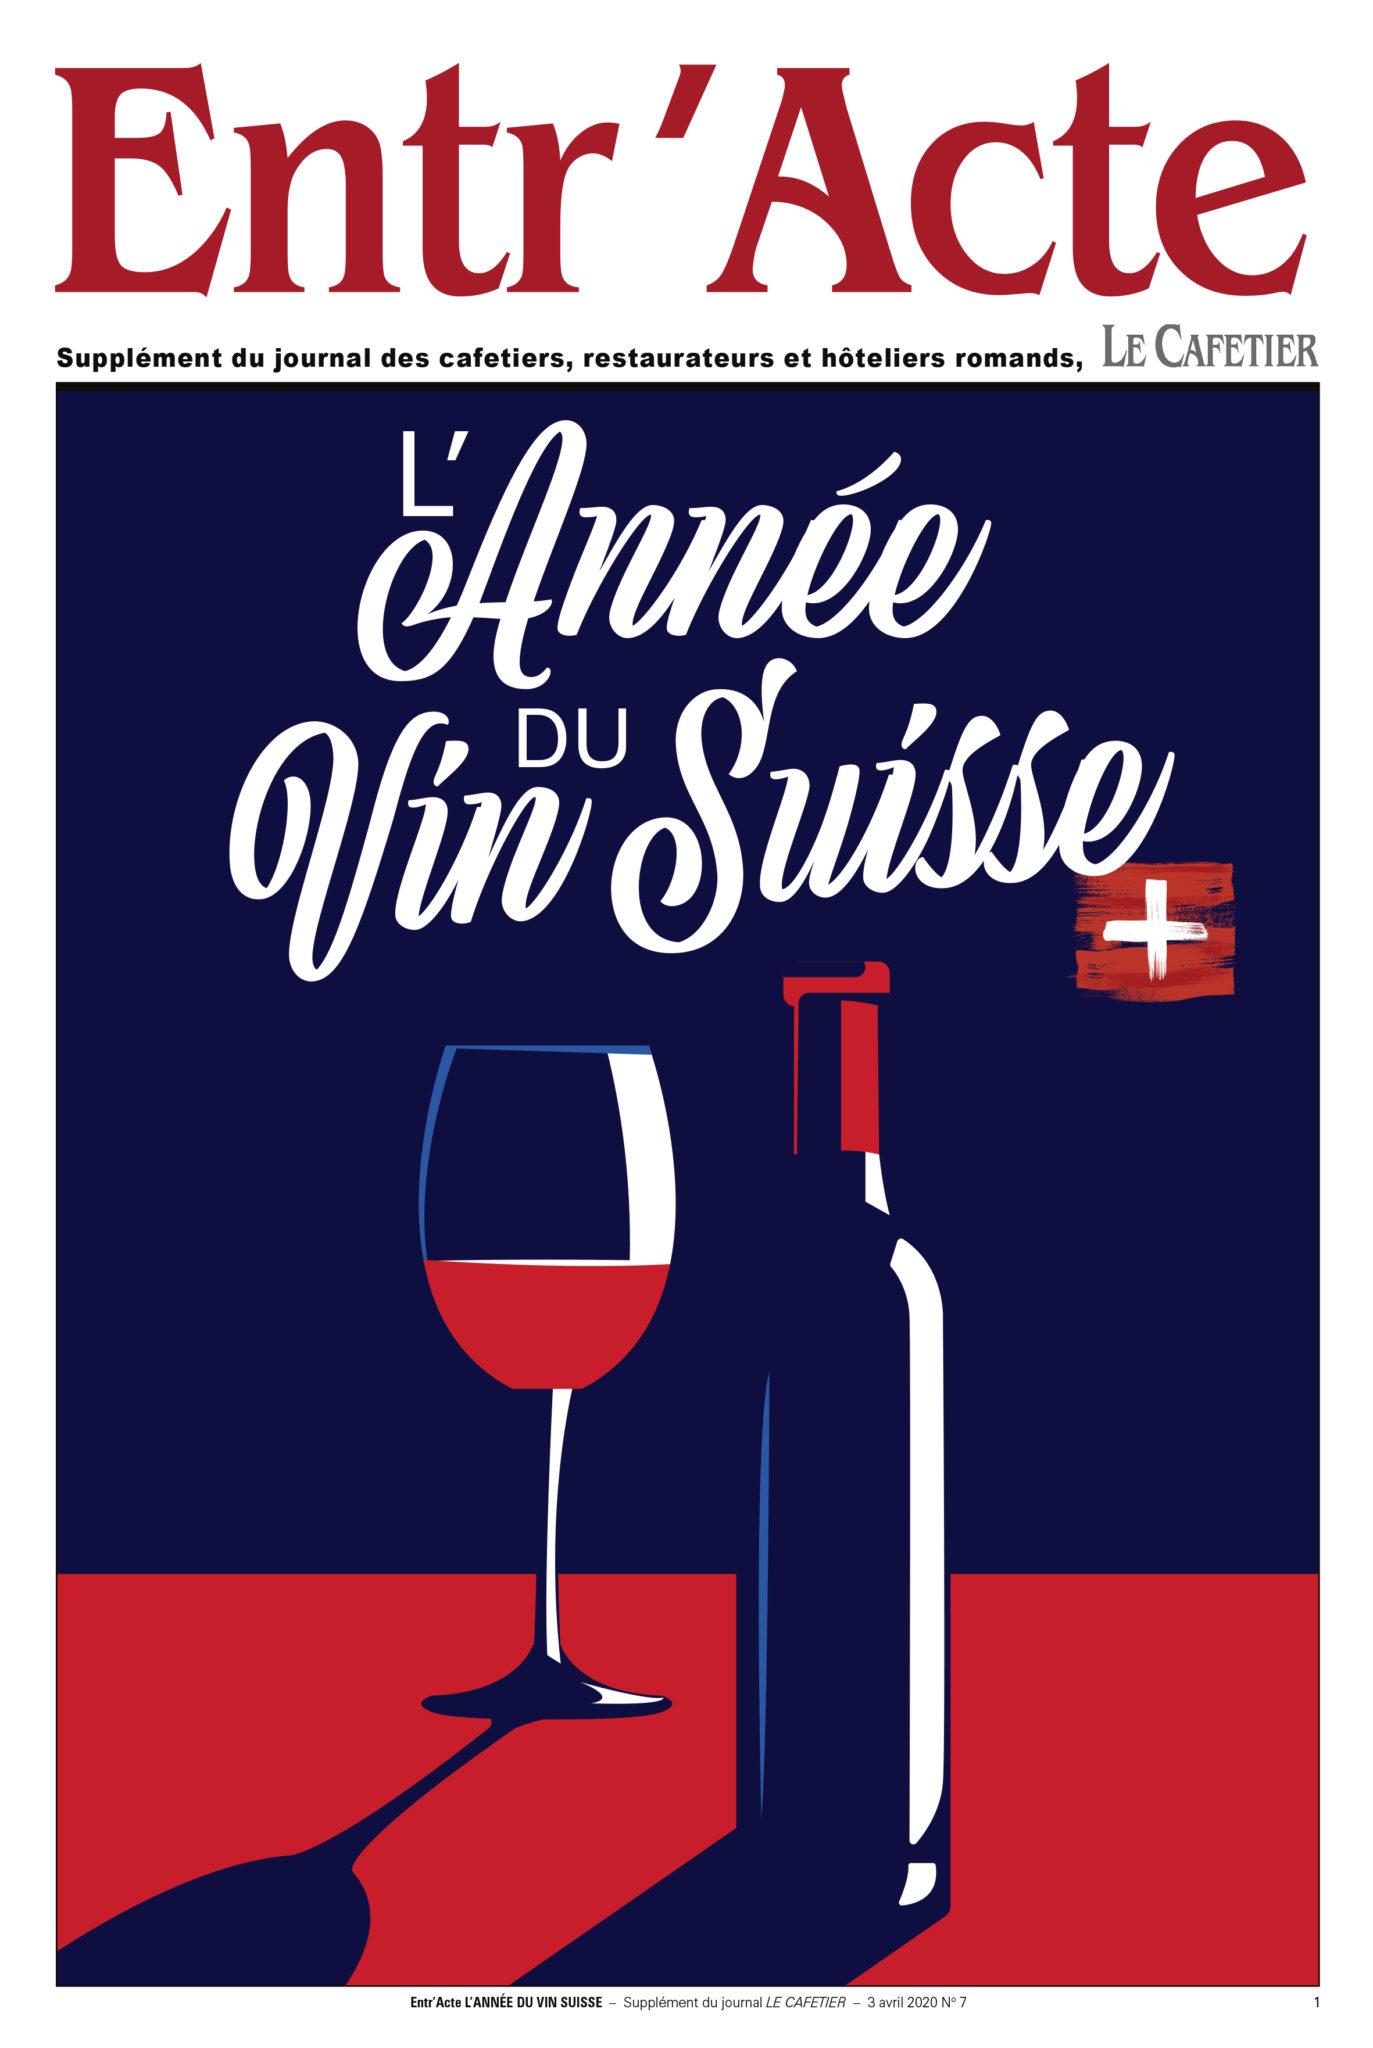 Entr'Acte L'Année du Vin Suisse